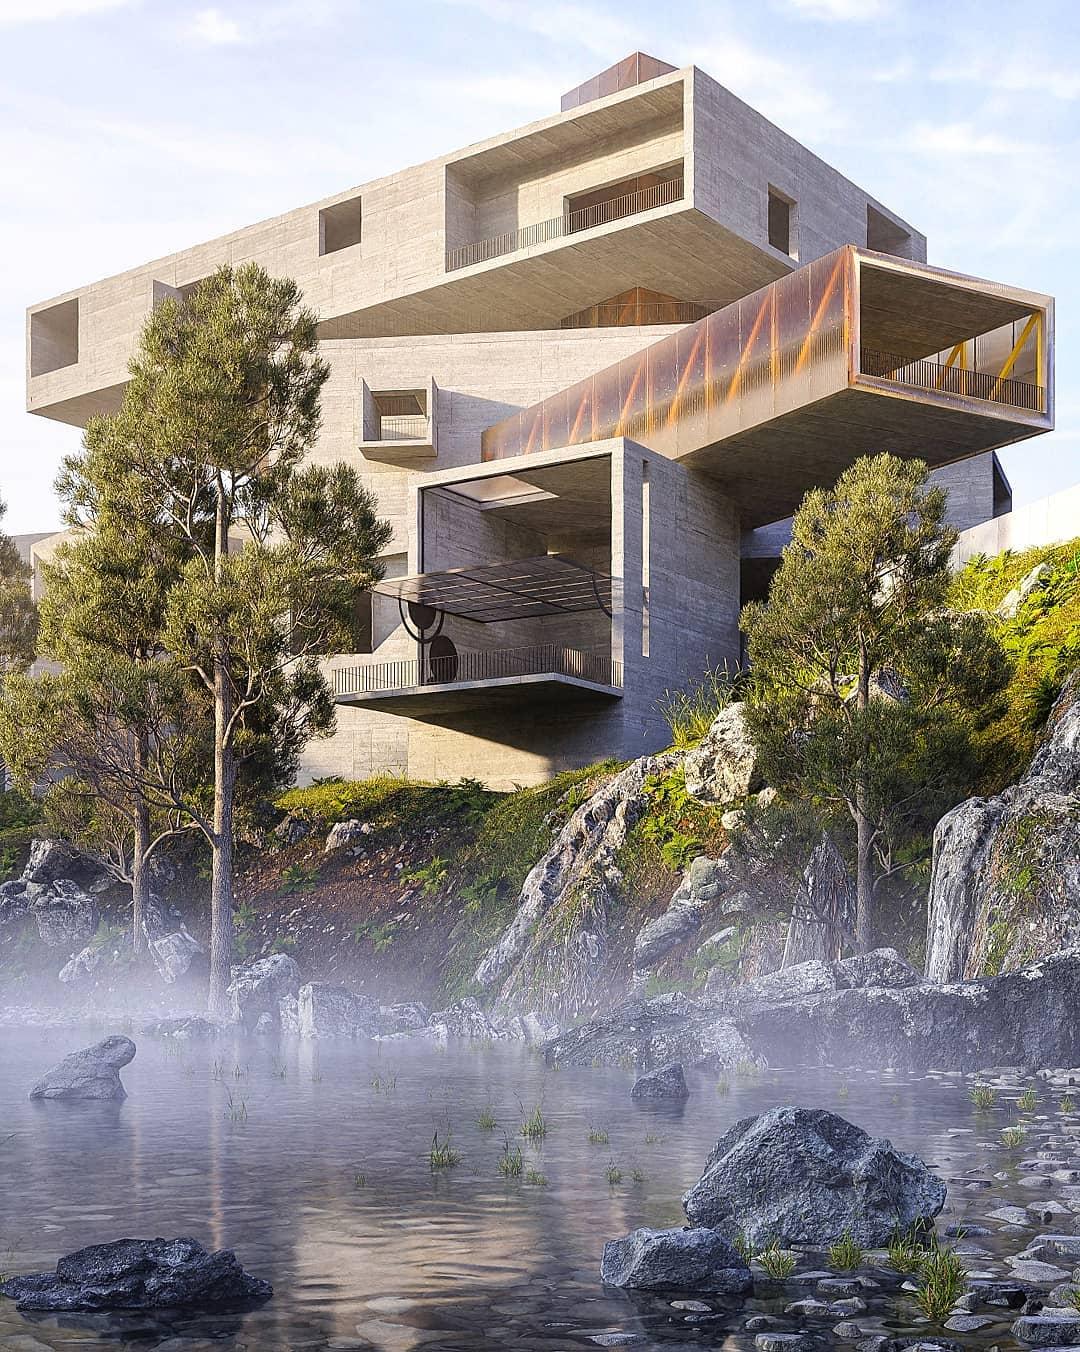 """Mỗi phần của tòa nhà đều hướng đến việc """"hấp thụ"""" một khía cạnh khác nhau của cảnh quan thiên nhiên bao quanh."""